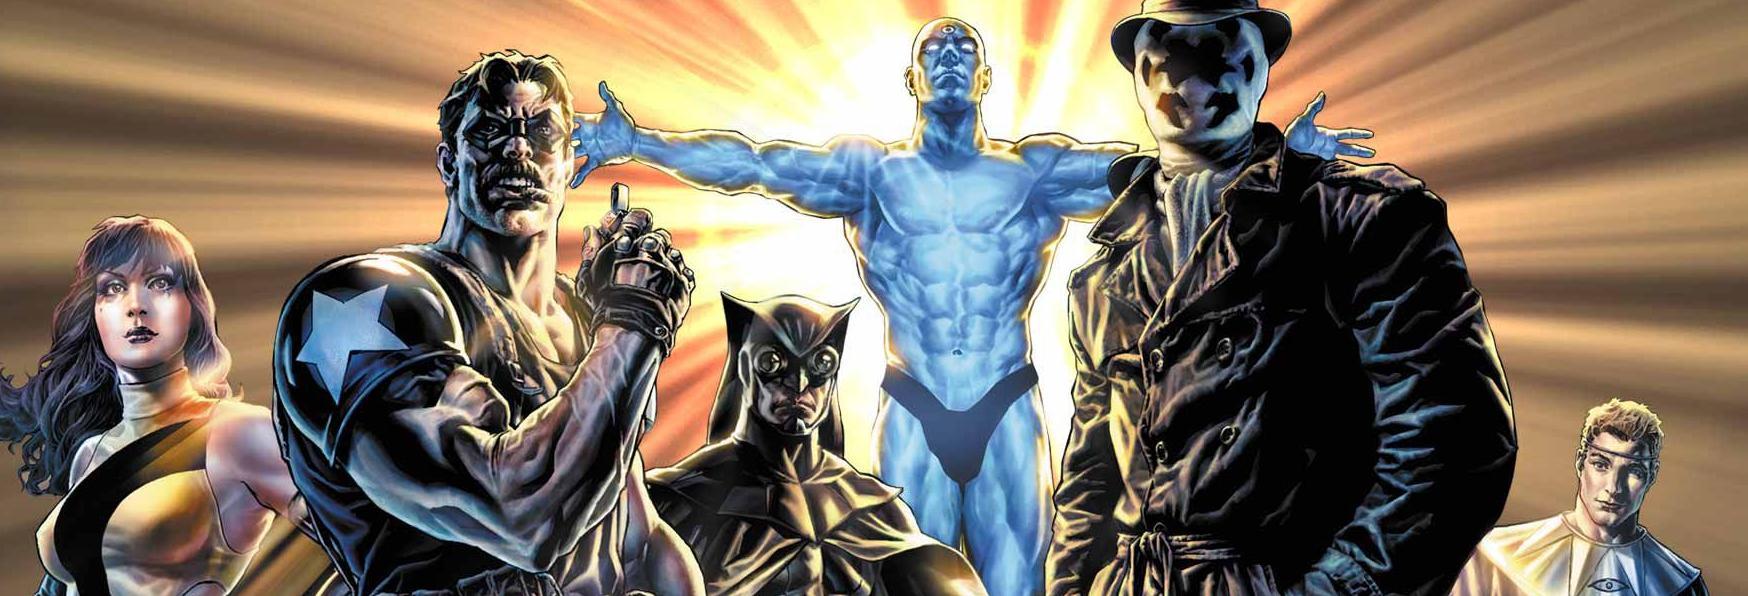 Watchmen: Concluse le Riprese. La serie HBO debutterà in Autunno